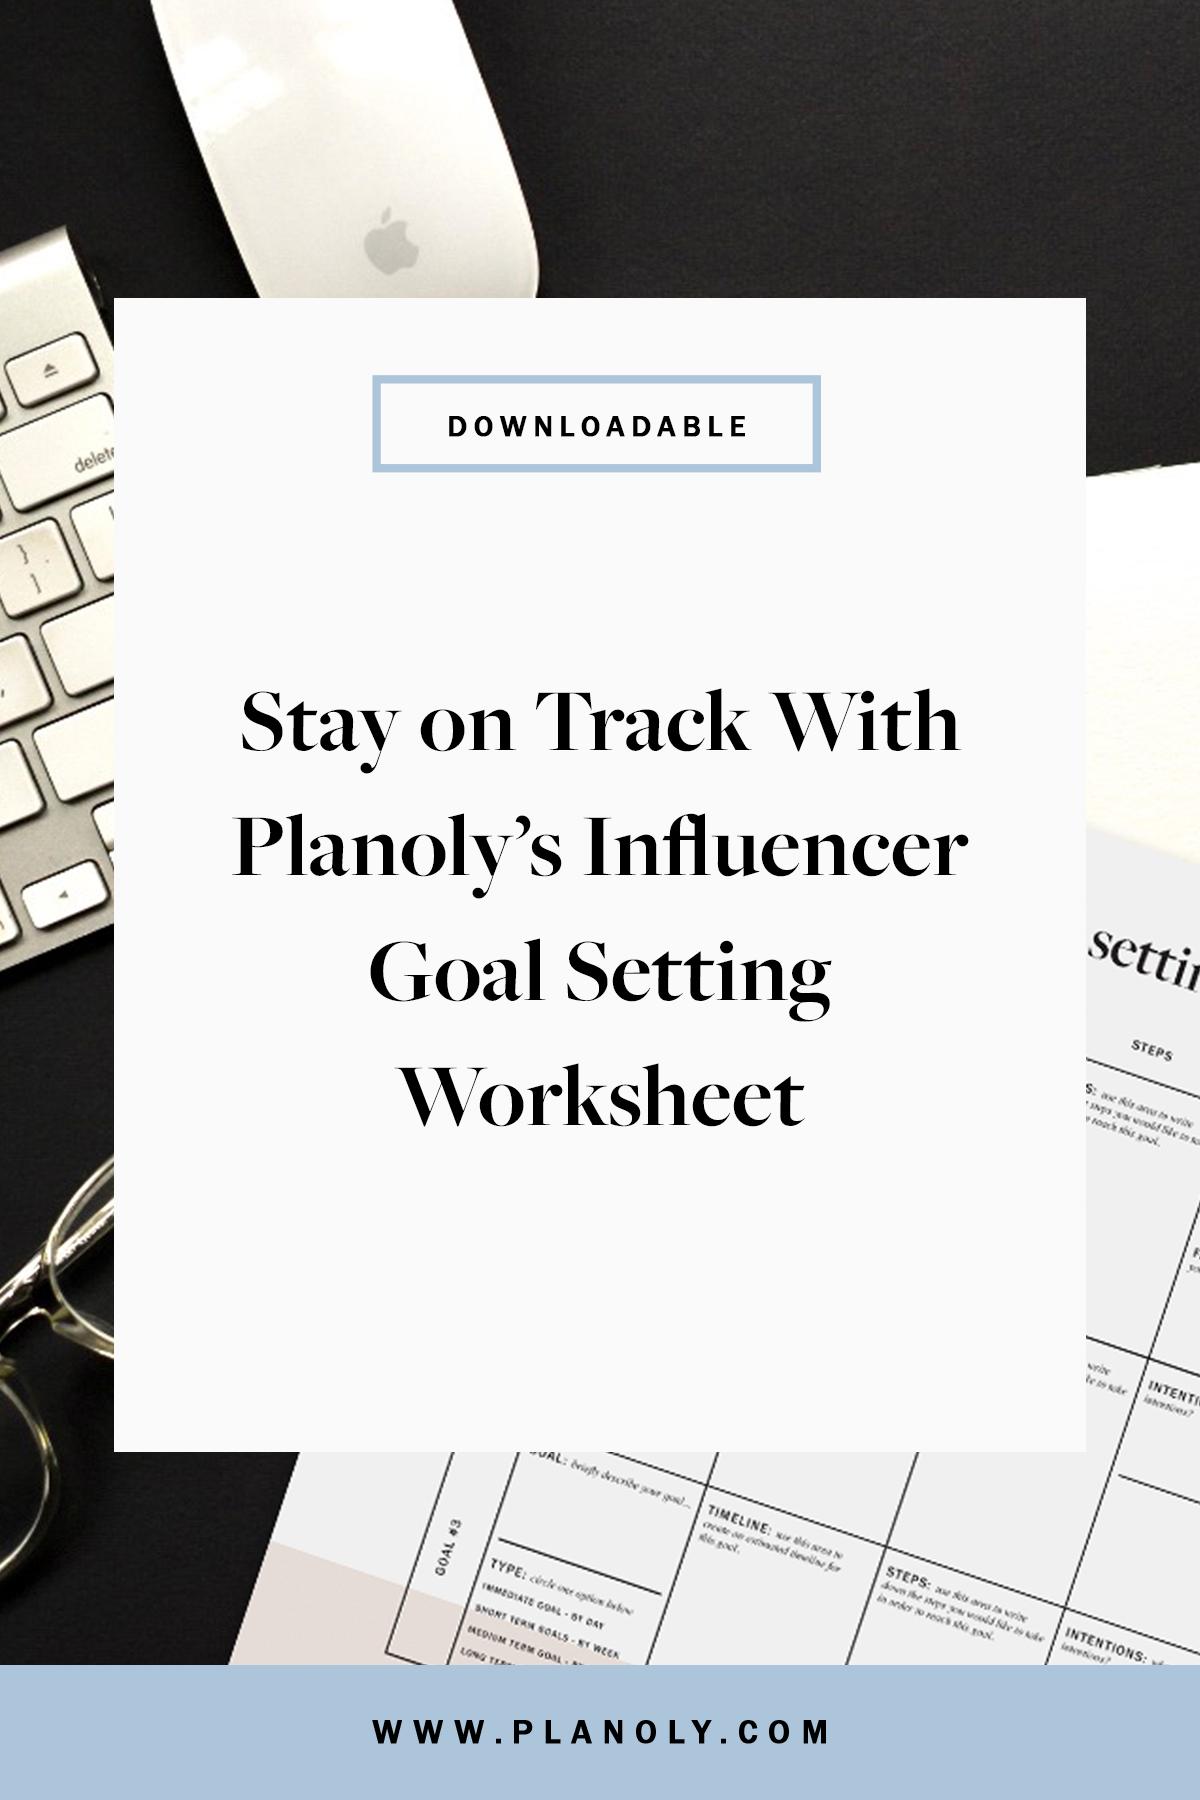 Influencer Goal Setting Worksheet